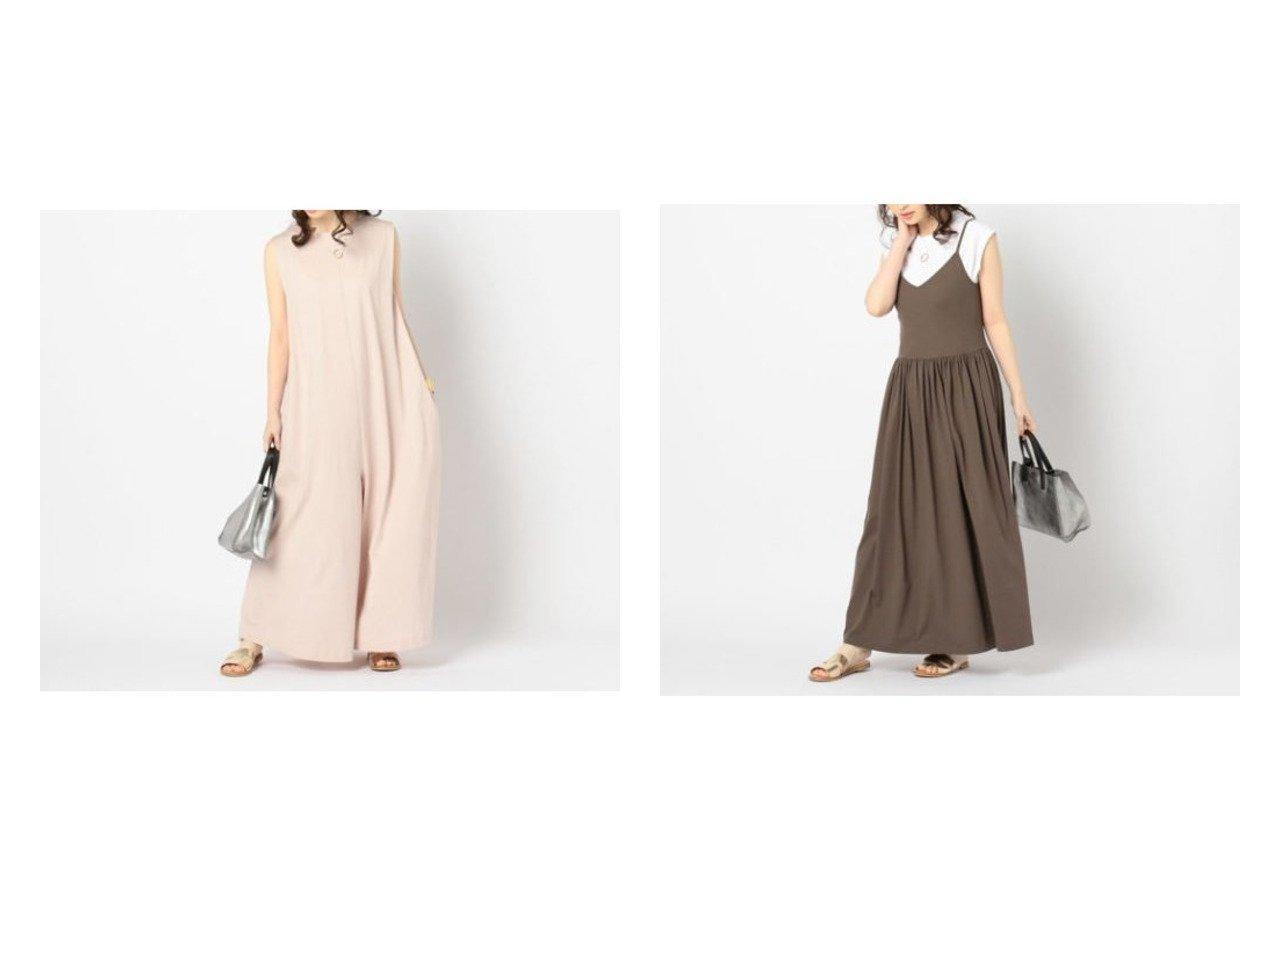 【NOLLEY'S/ノーリーズ】の【アダワス】フレアロンパース&【アダワス】キャミワンピース ワンピース・ドレスのおすすめ!人気、トレンド・レディースファッションの通販 おすすめで人気の流行・トレンド、ファッションの通販商品 メンズファッション・キッズファッション・インテリア・家具・レディースファッション・服の通販 founy(ファニー) https://founy.com/ ファッション Fashion レディースファッション WOMEN ワンピース Dress キャミワンピース No Sleeve Dresses シャツワンピース Shirt Dresses オールインワン ワンピース All In One Dress サロペット Salopette キャミワンピース コレクション シンプル ノースリーブ ボトム リゾート リラックス おすすめ Recommend フレア ロンパース |ID:crp329100000024051